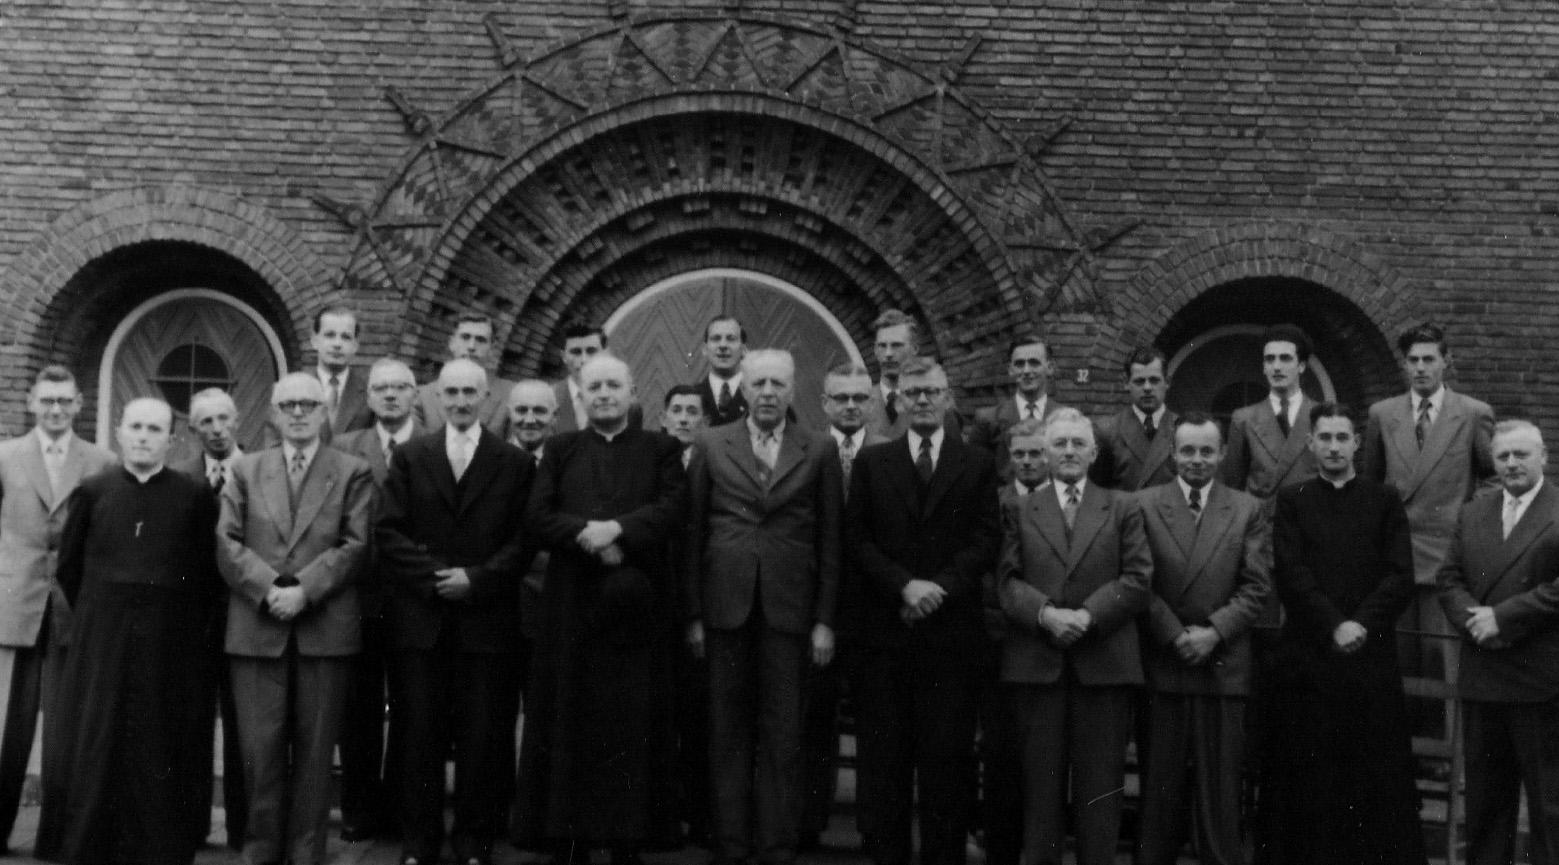 ca1960 Kerkbestuur en collectanten van de Michaelparochie